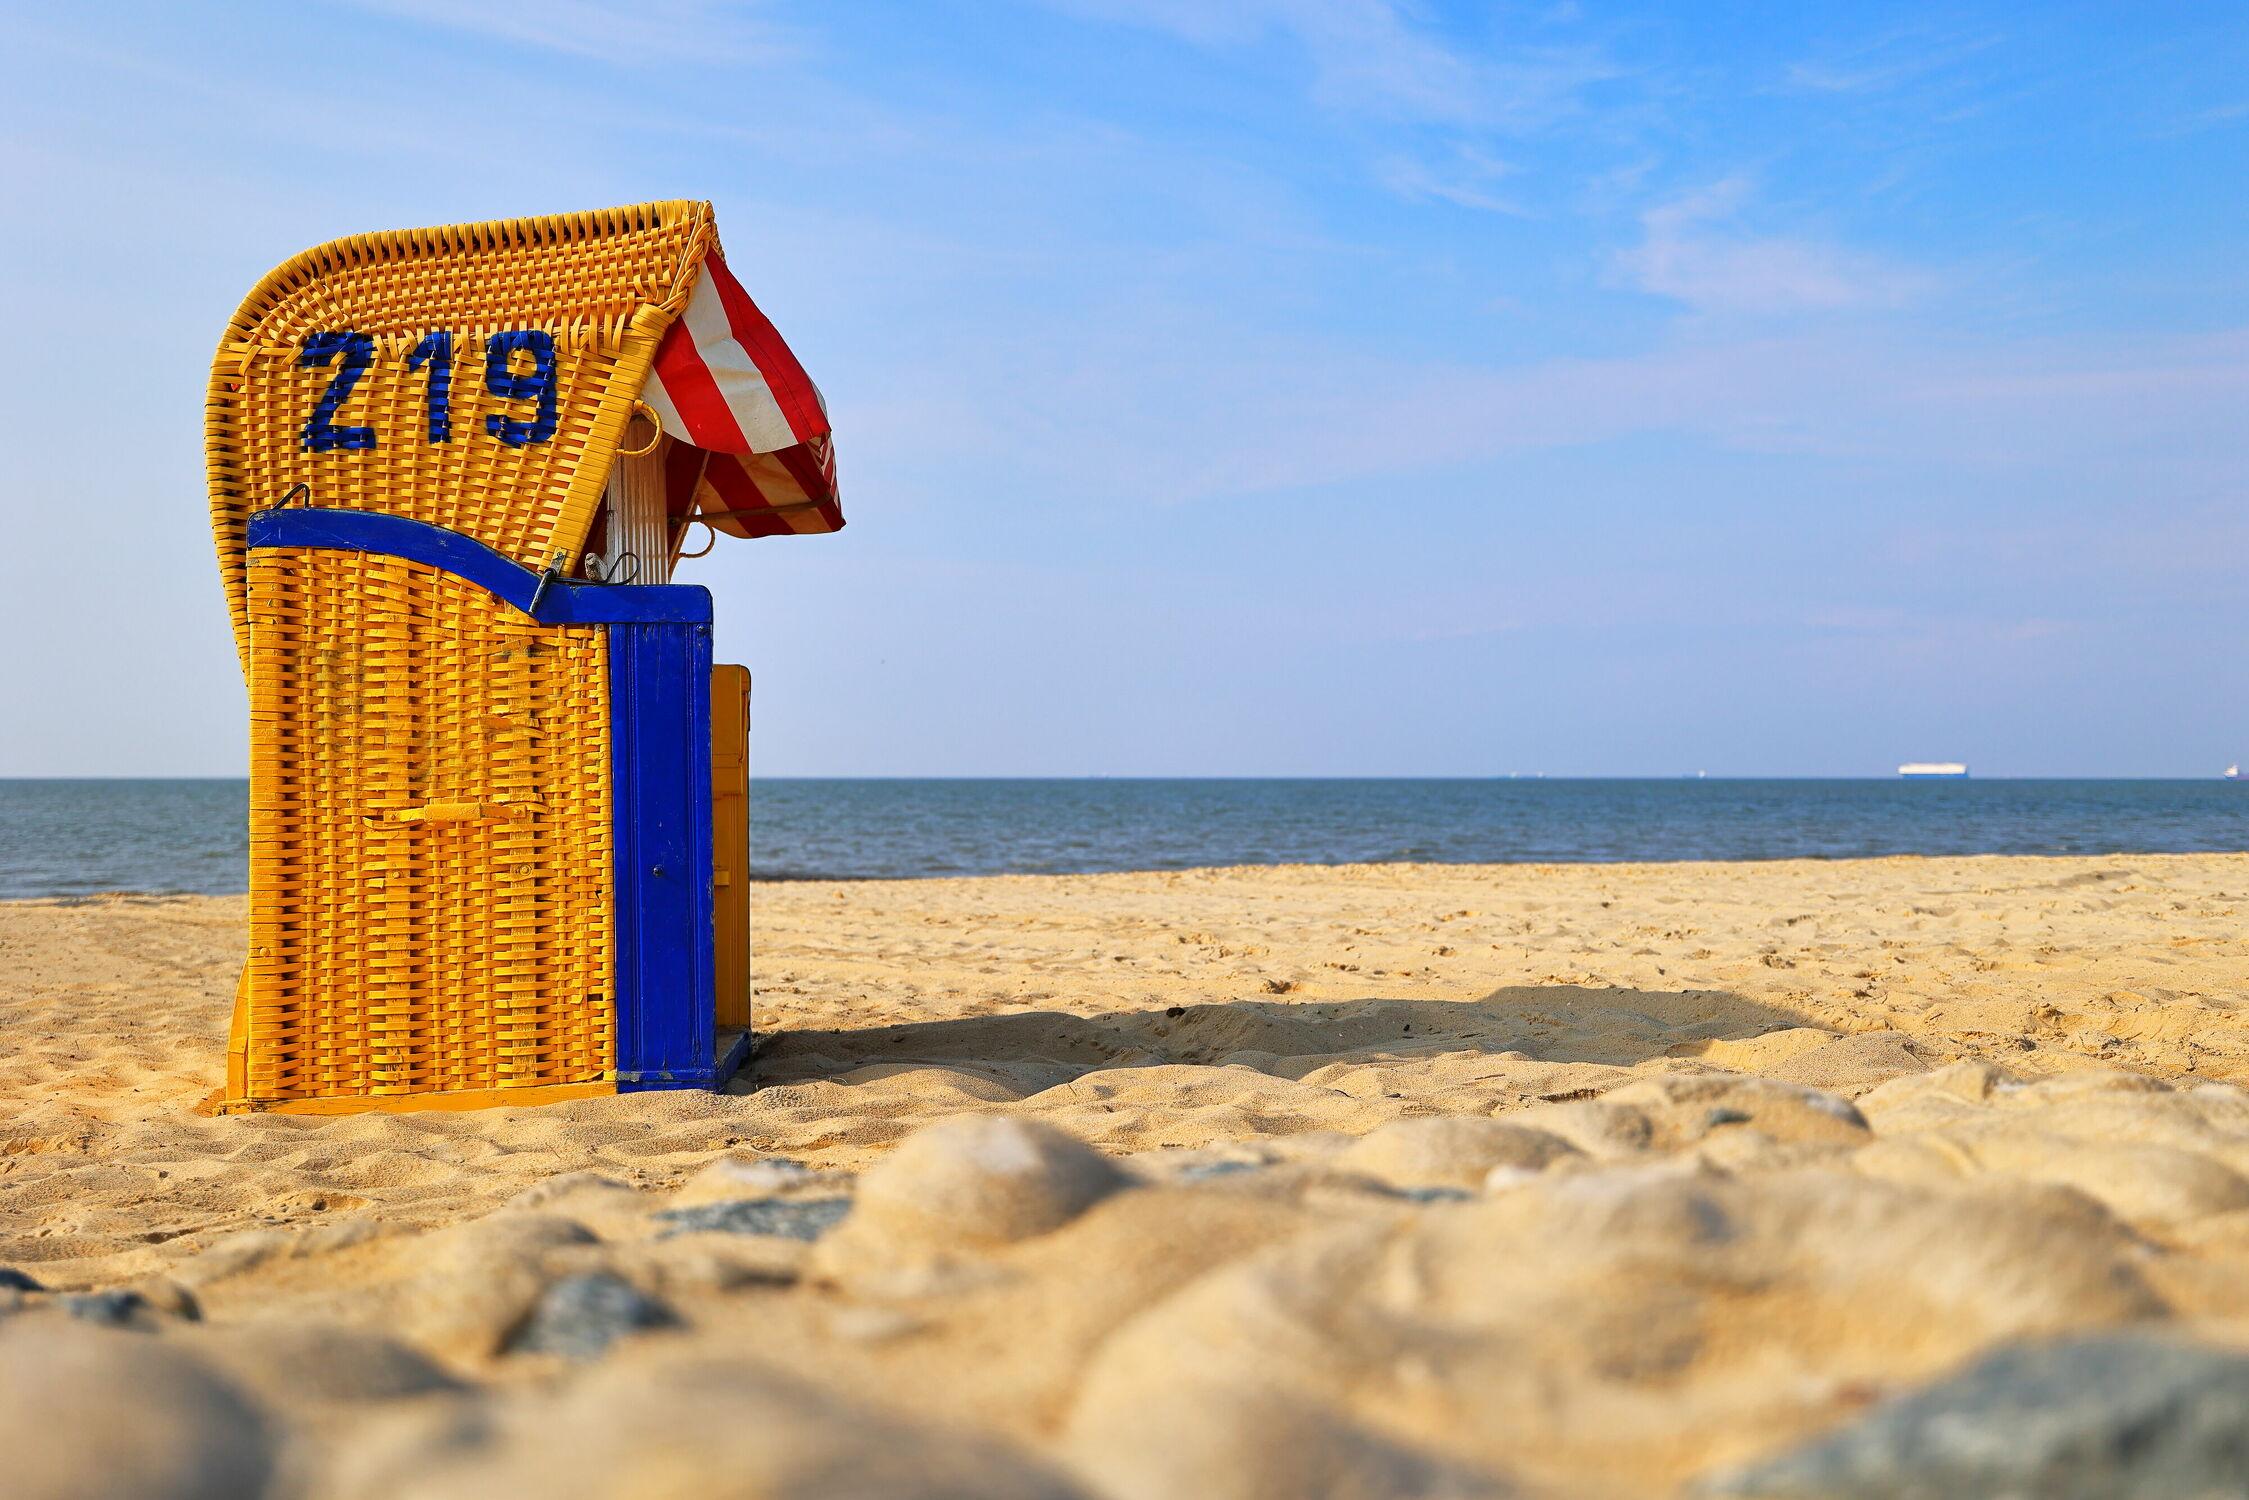 Bild mit Sand, Urlaub, Deutschland, Windsurfen, Strandblick, Freizeitaktivitäten, Nordseeküste, Elbe, Salzluft, Cuxhaven